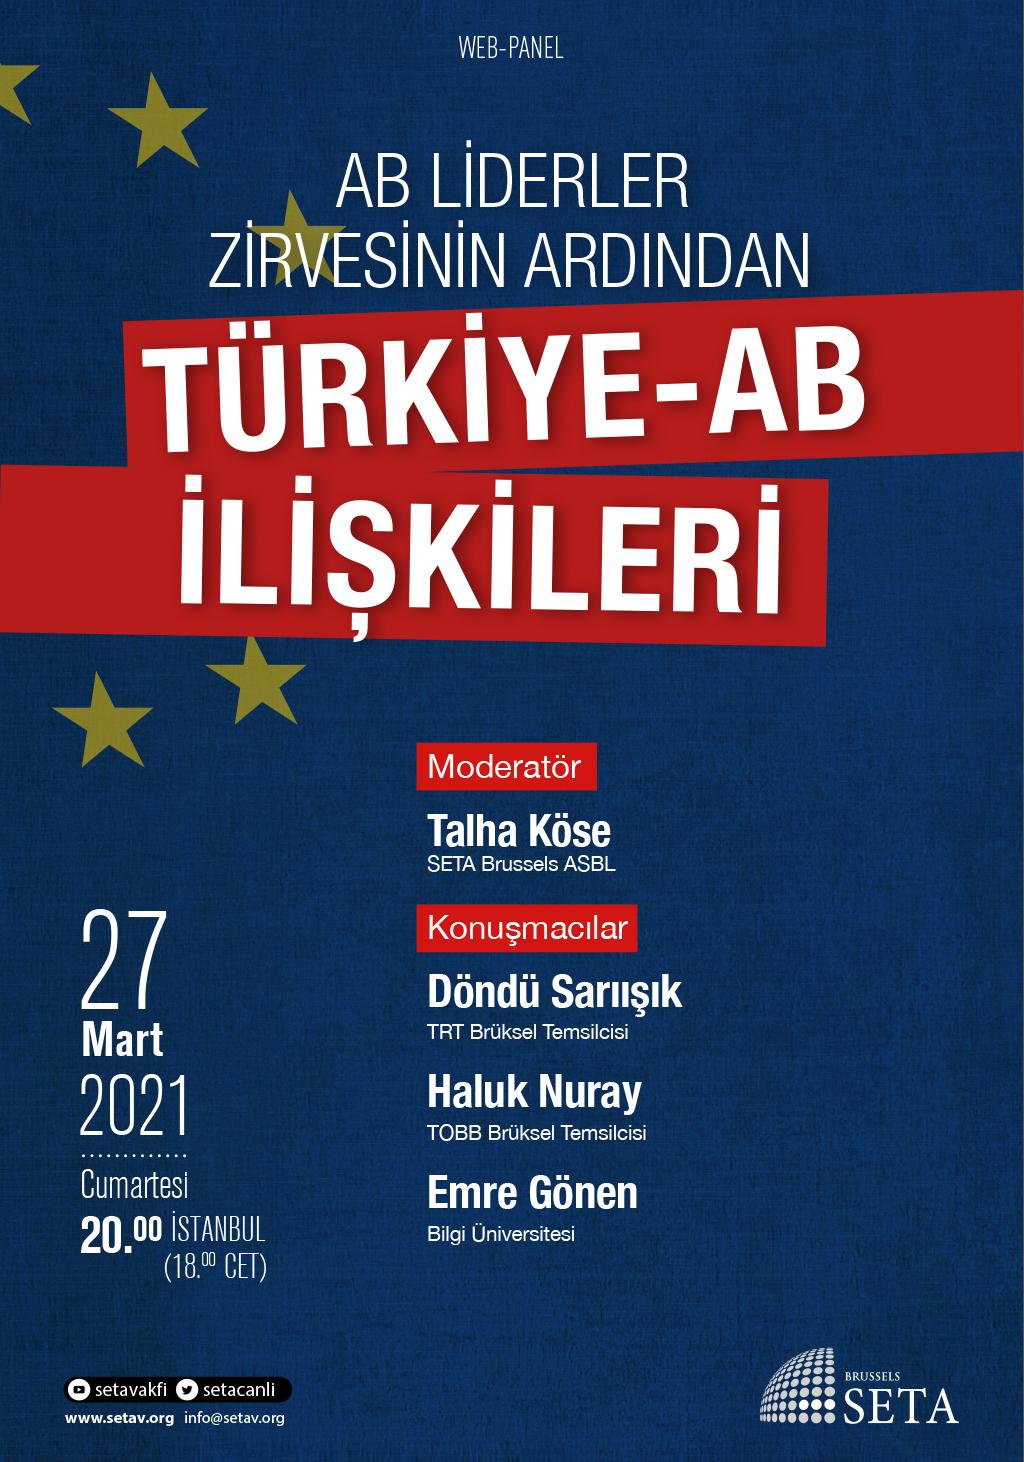 Web Panel: AB Liderler Zirvesinin Ardından Türkiye-AB İlişkileri